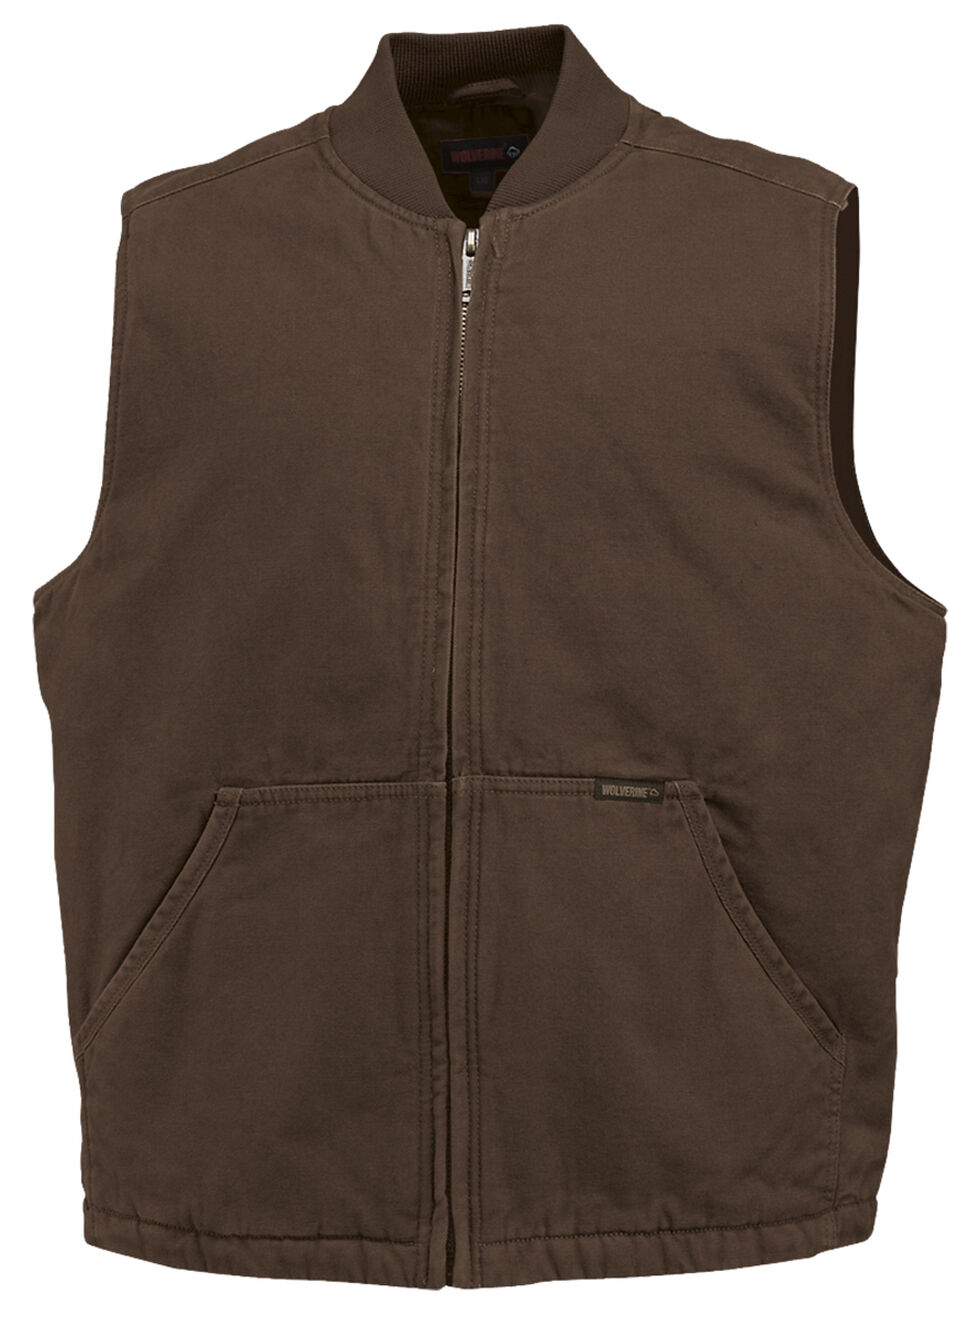 Wolverine Finley Vest, Bison, hi-res